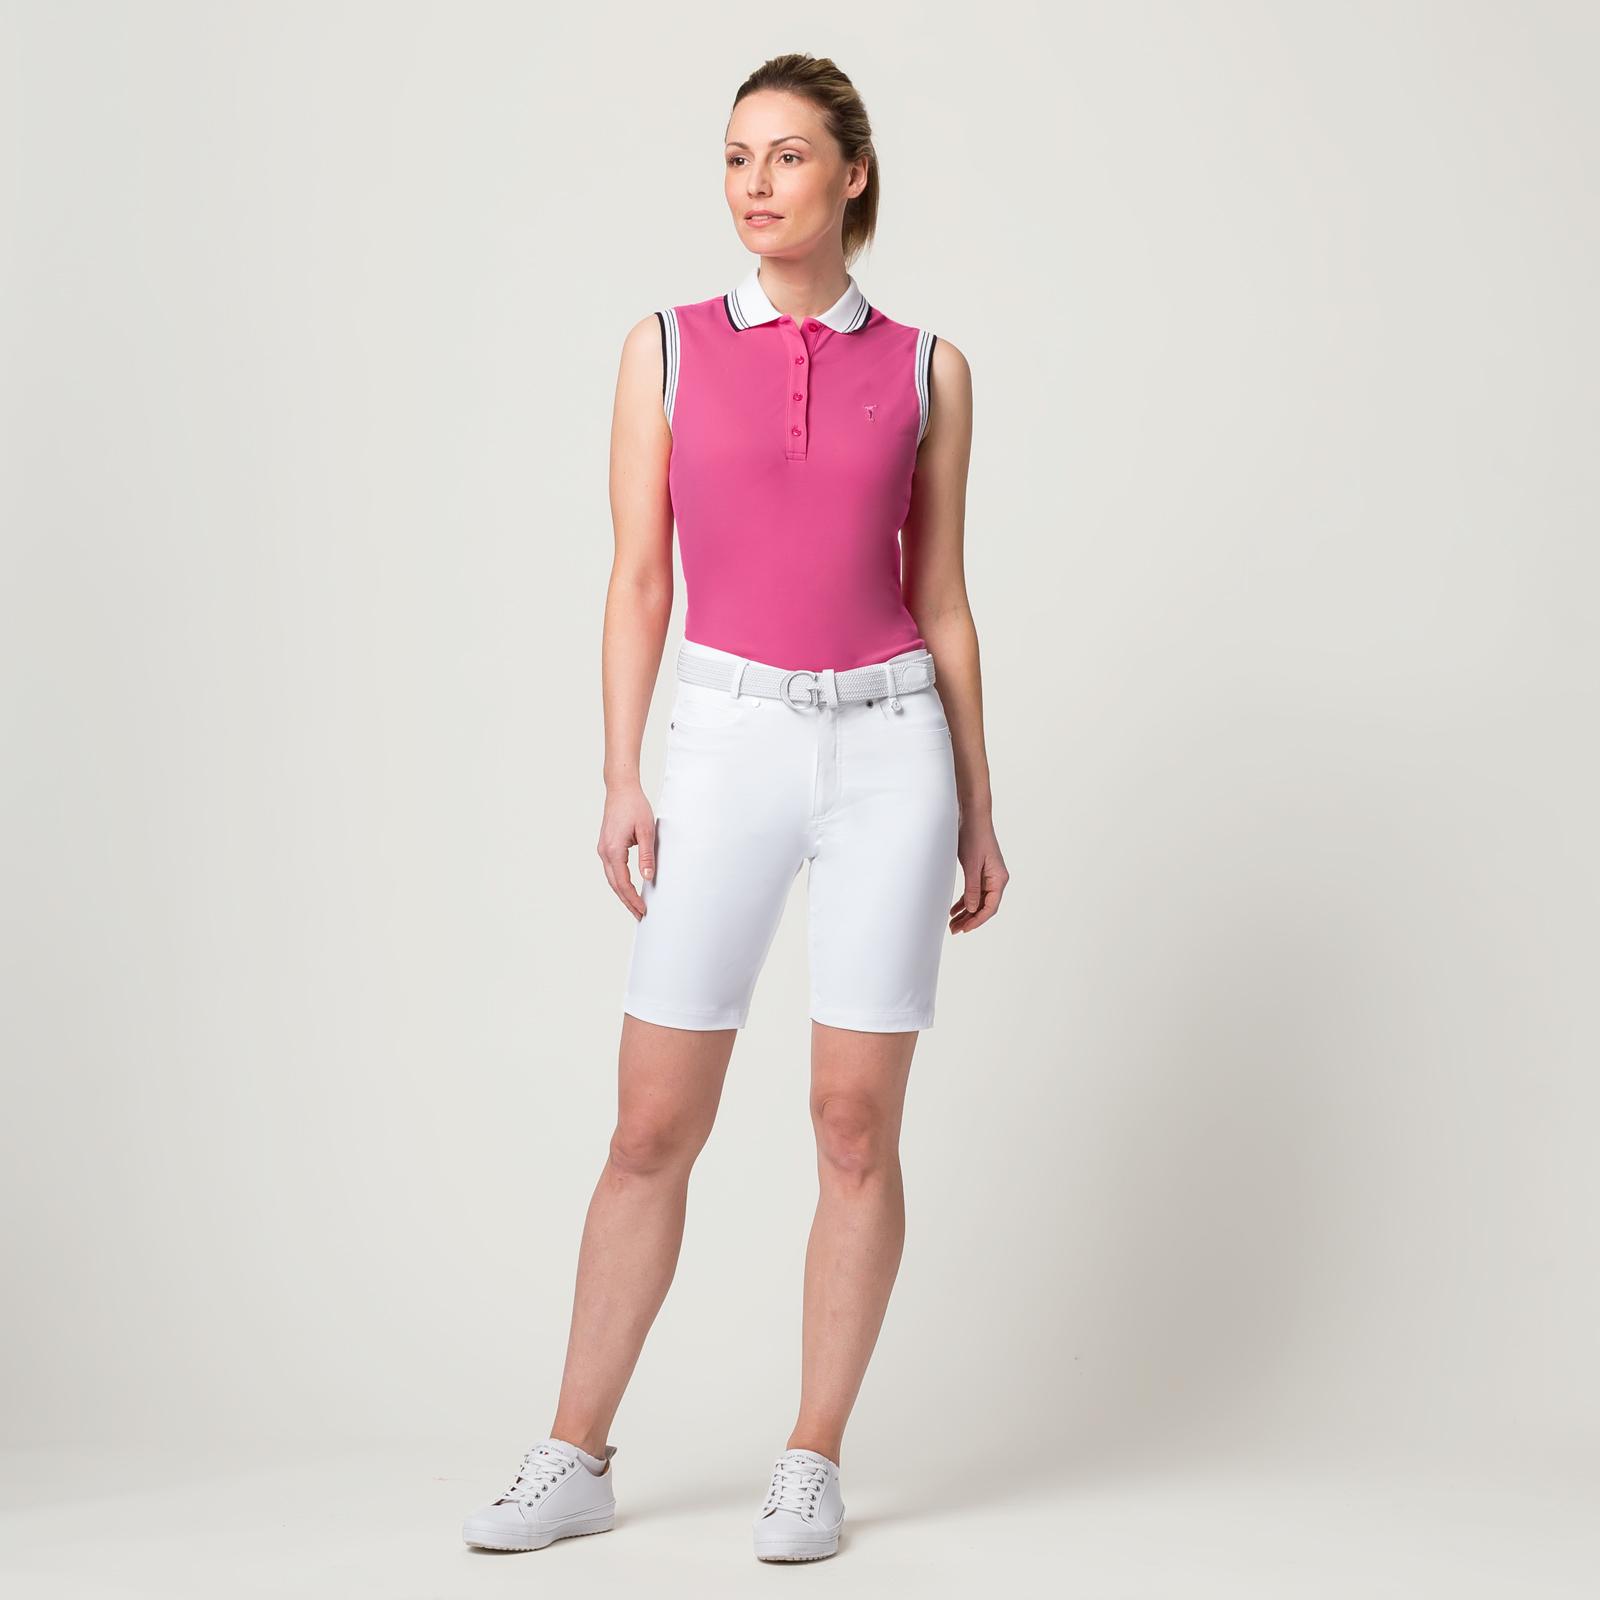 Damen Golf-Bermuda Sonnenschutz mit Extra Stretch Komfort in Slim Fit